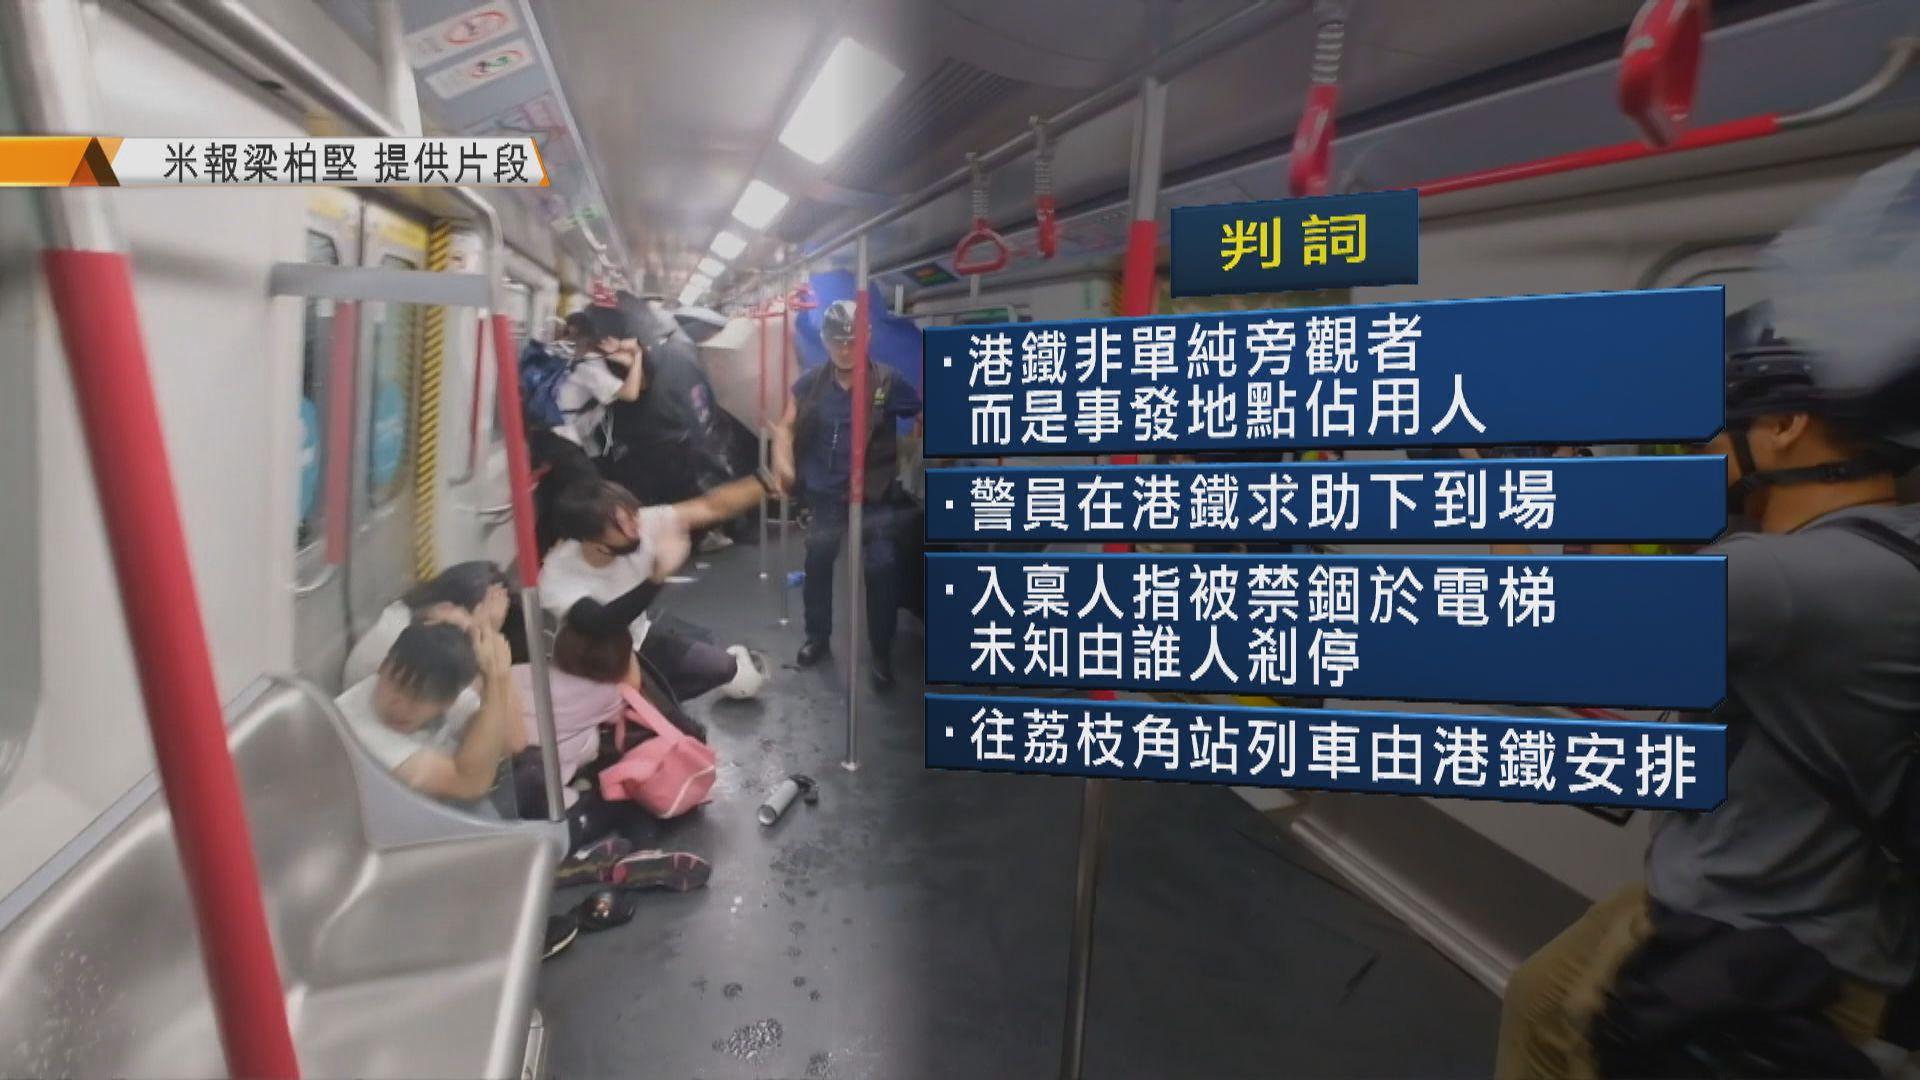 官:831港鐵非單純旁觀者 基於公義原則須交出片段